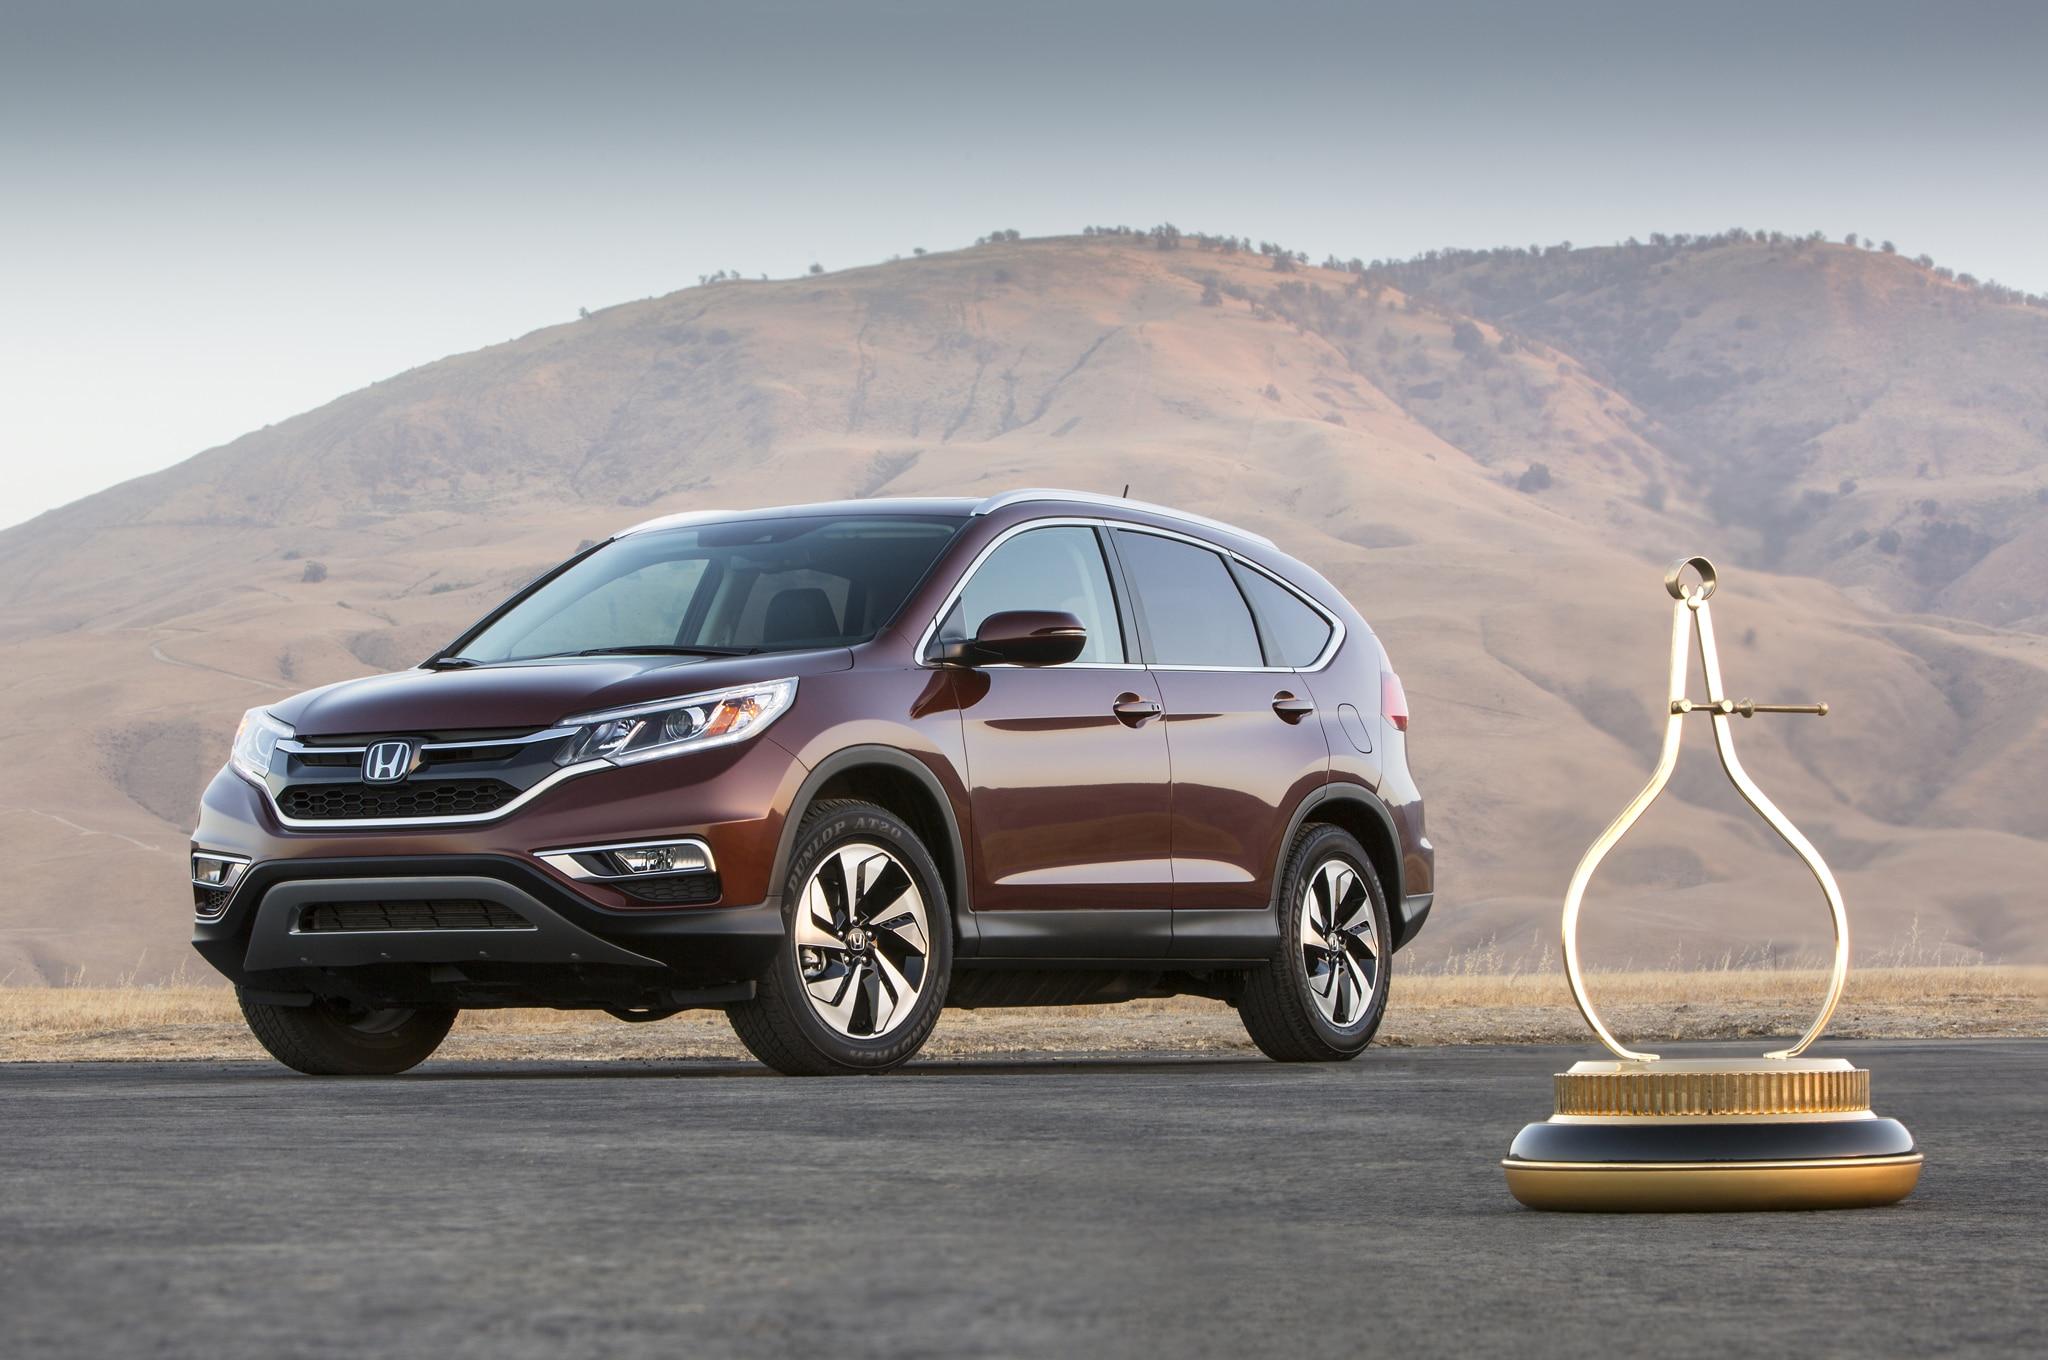 2015 Honda CR-V Wins Motor Trend SUV of the Year